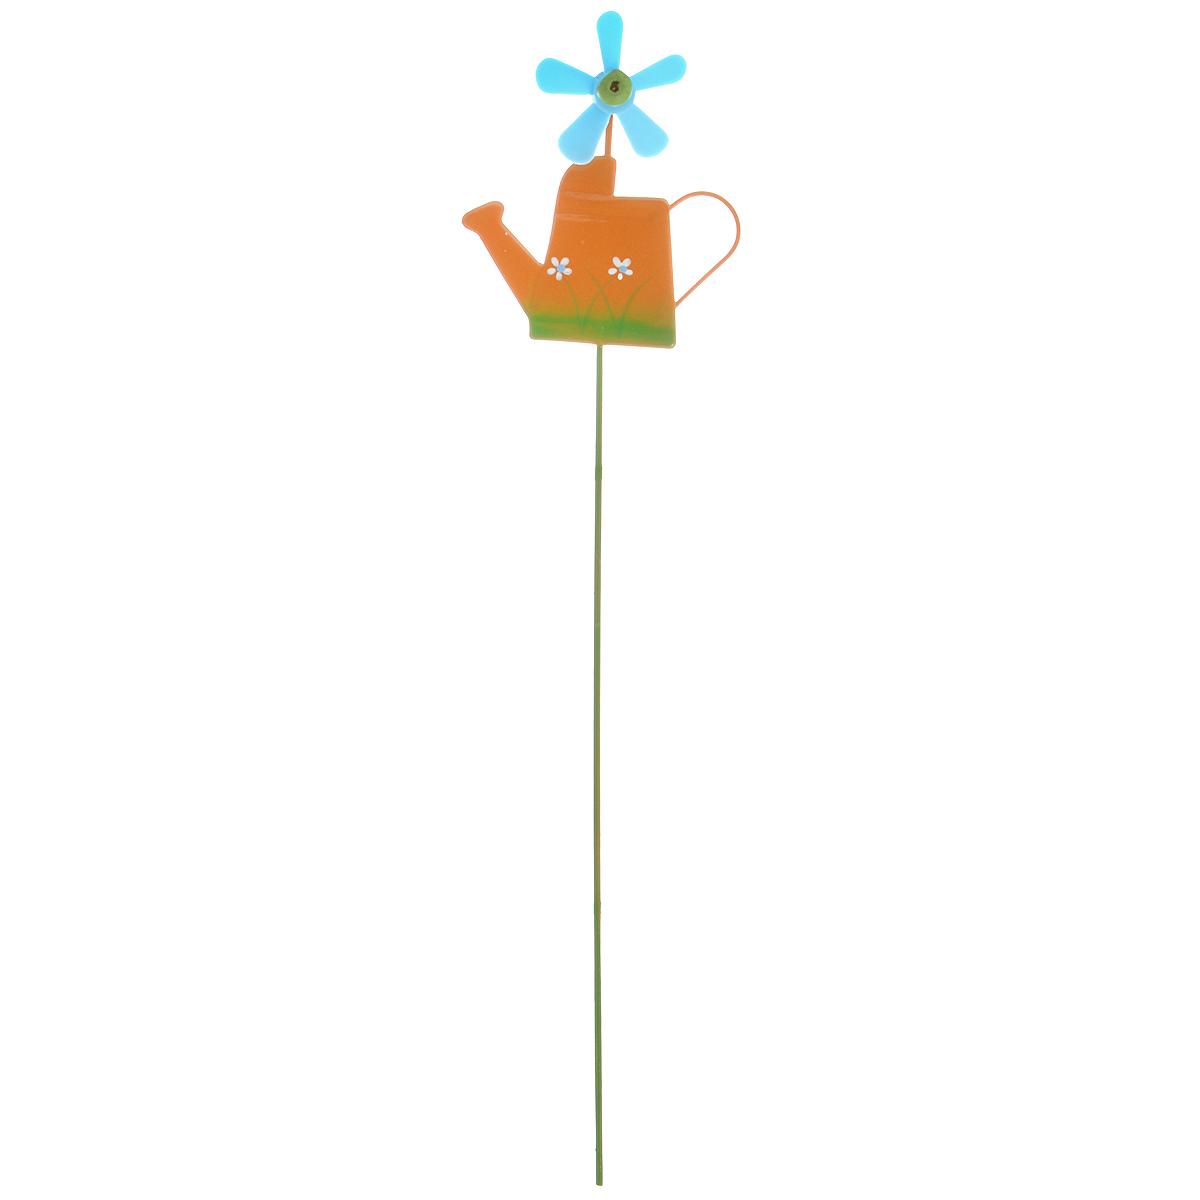 Украшение на ножке Village People Лейка с флюгером, цвет: оранжевый, высота 27 см67156_3Украшение на ножке Village People Лейка с флюгером поможет вам дополнить экстерьер красивой и яркой деталью. Такое украшение очень просто вставляется в землю с помощью длинной ножки, оно отлично переносит любые погодные условия и прослужит долгое время. Идеально подходит для декорирования садового участка, грядок, клумб, домашних цветов в горшках, а также для поддержки и правильного роста декоративных растений. Размер декоративного элемента: 6,5 см х 7,5 см. Высота: 27 см.